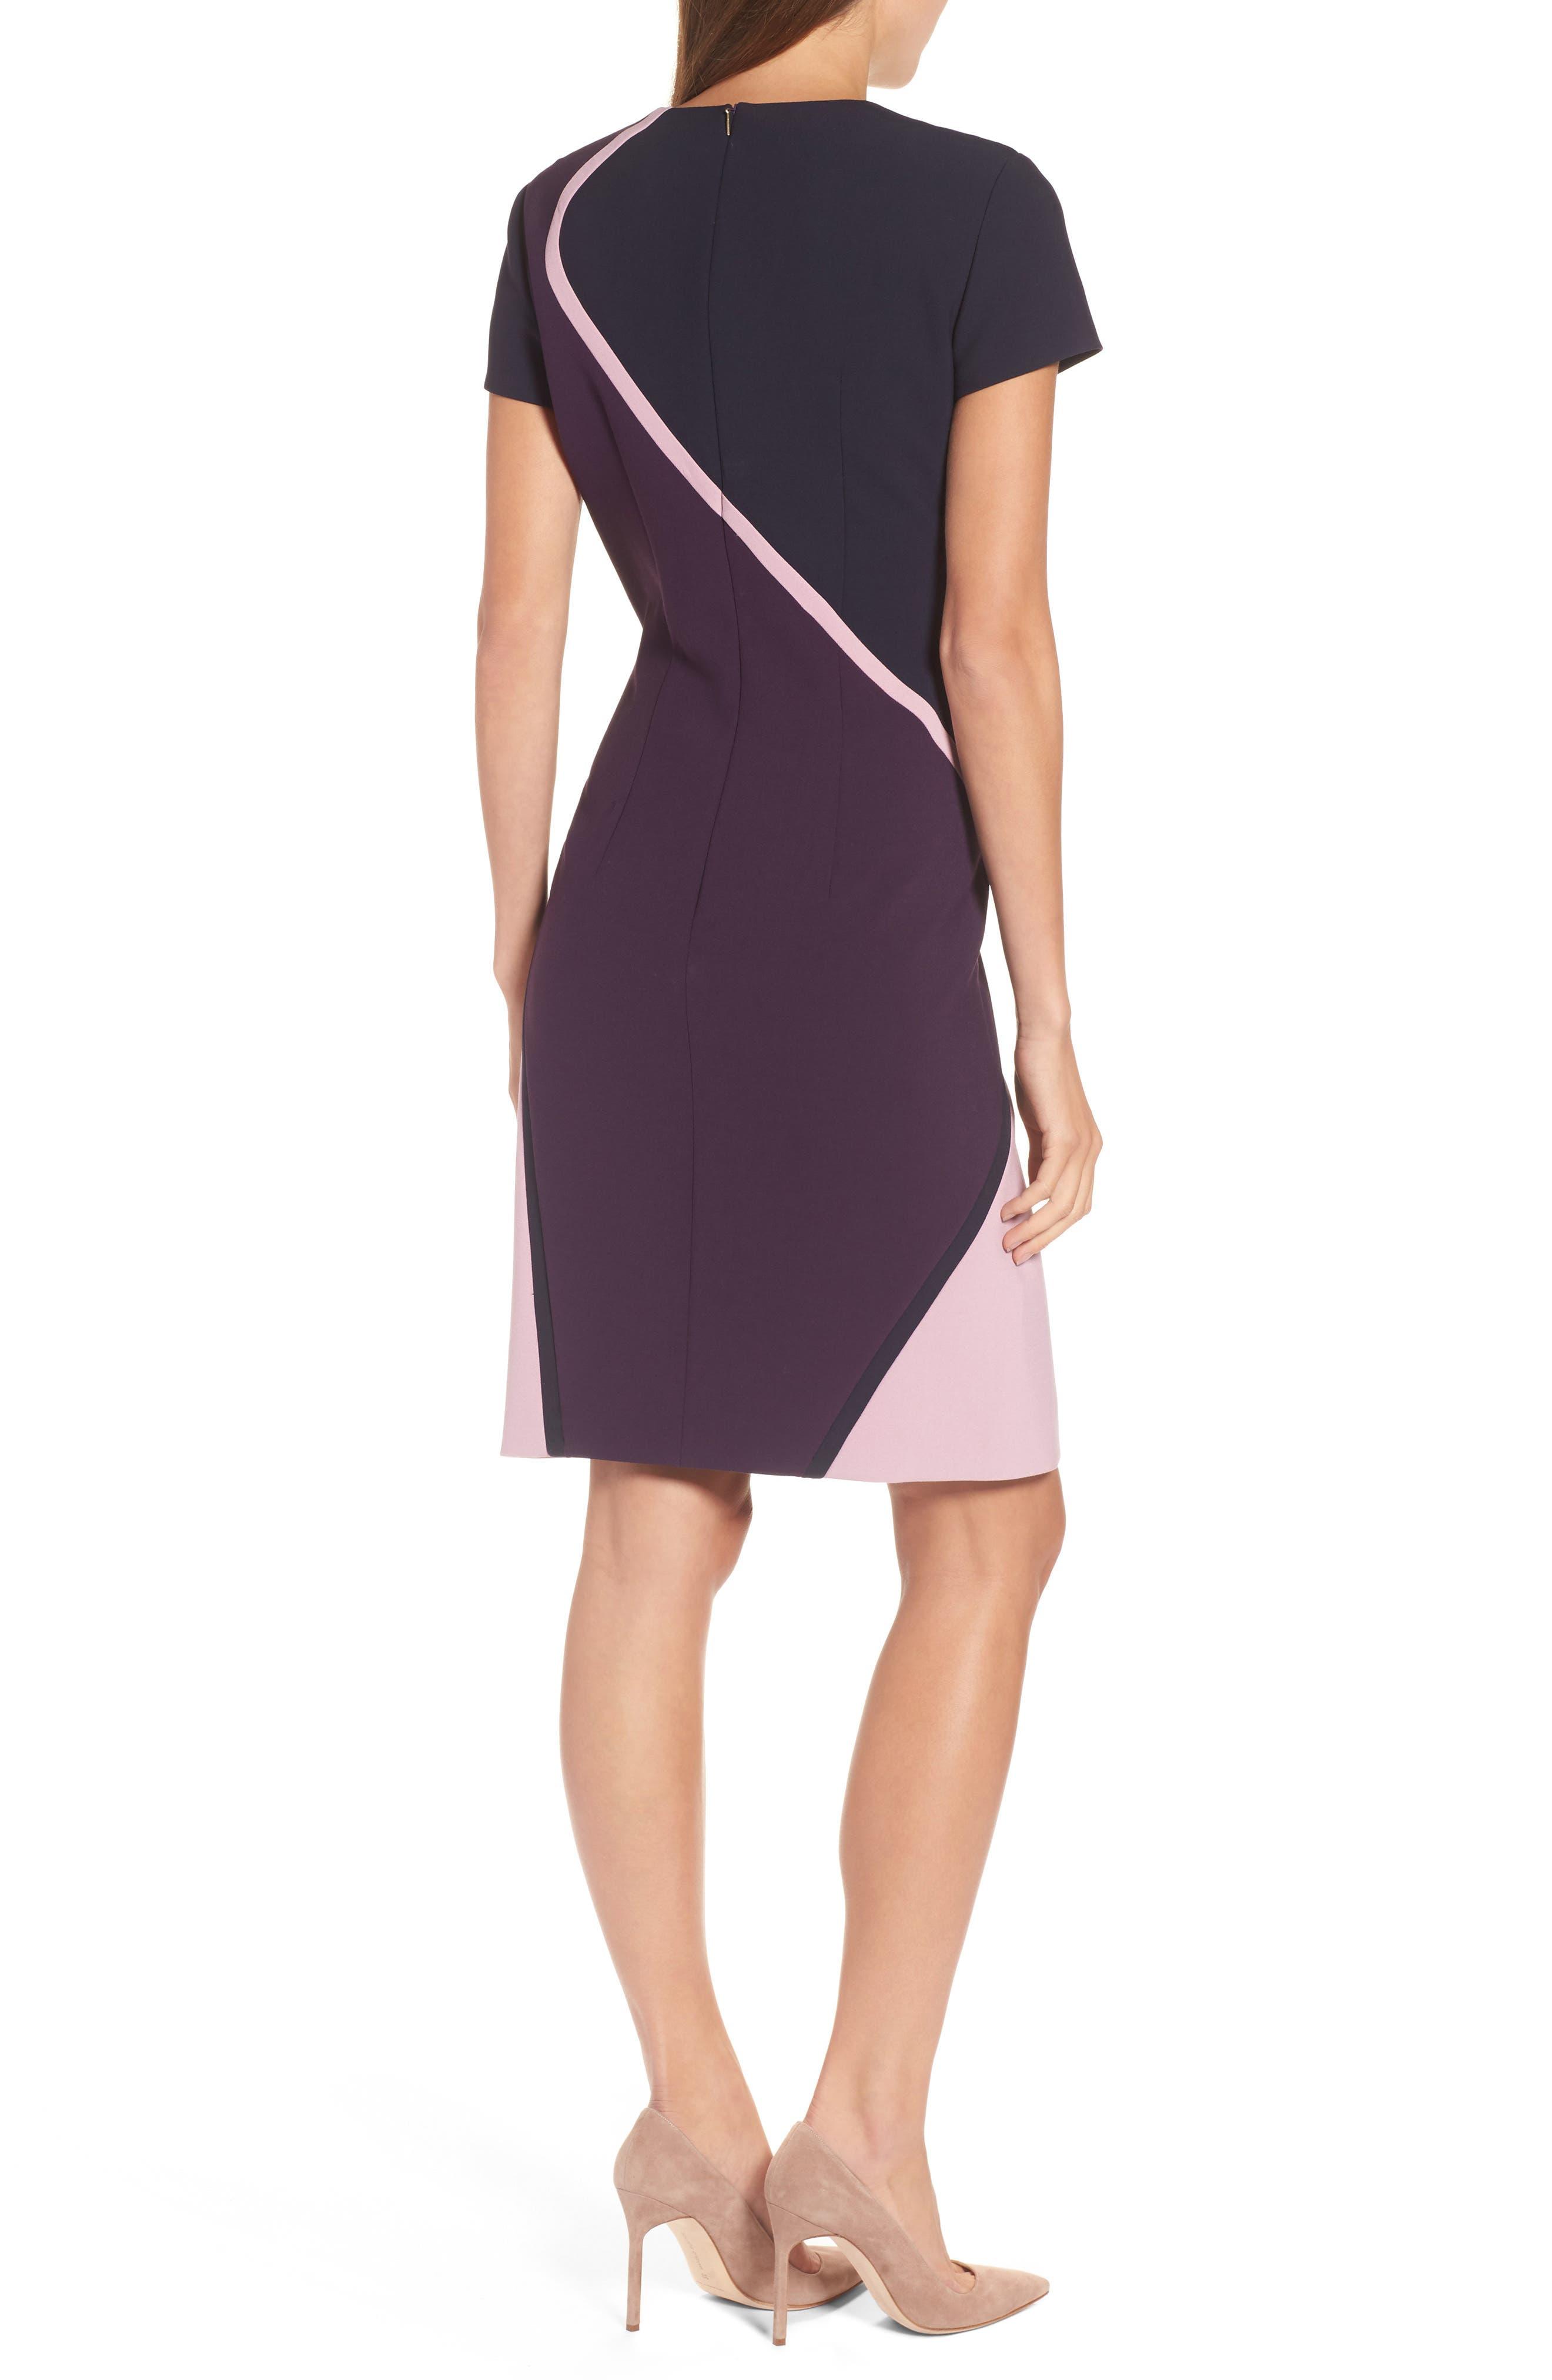 Dukatia Colorblock Sheath Dress,                             Alternate thumbnail 2, color,                             502